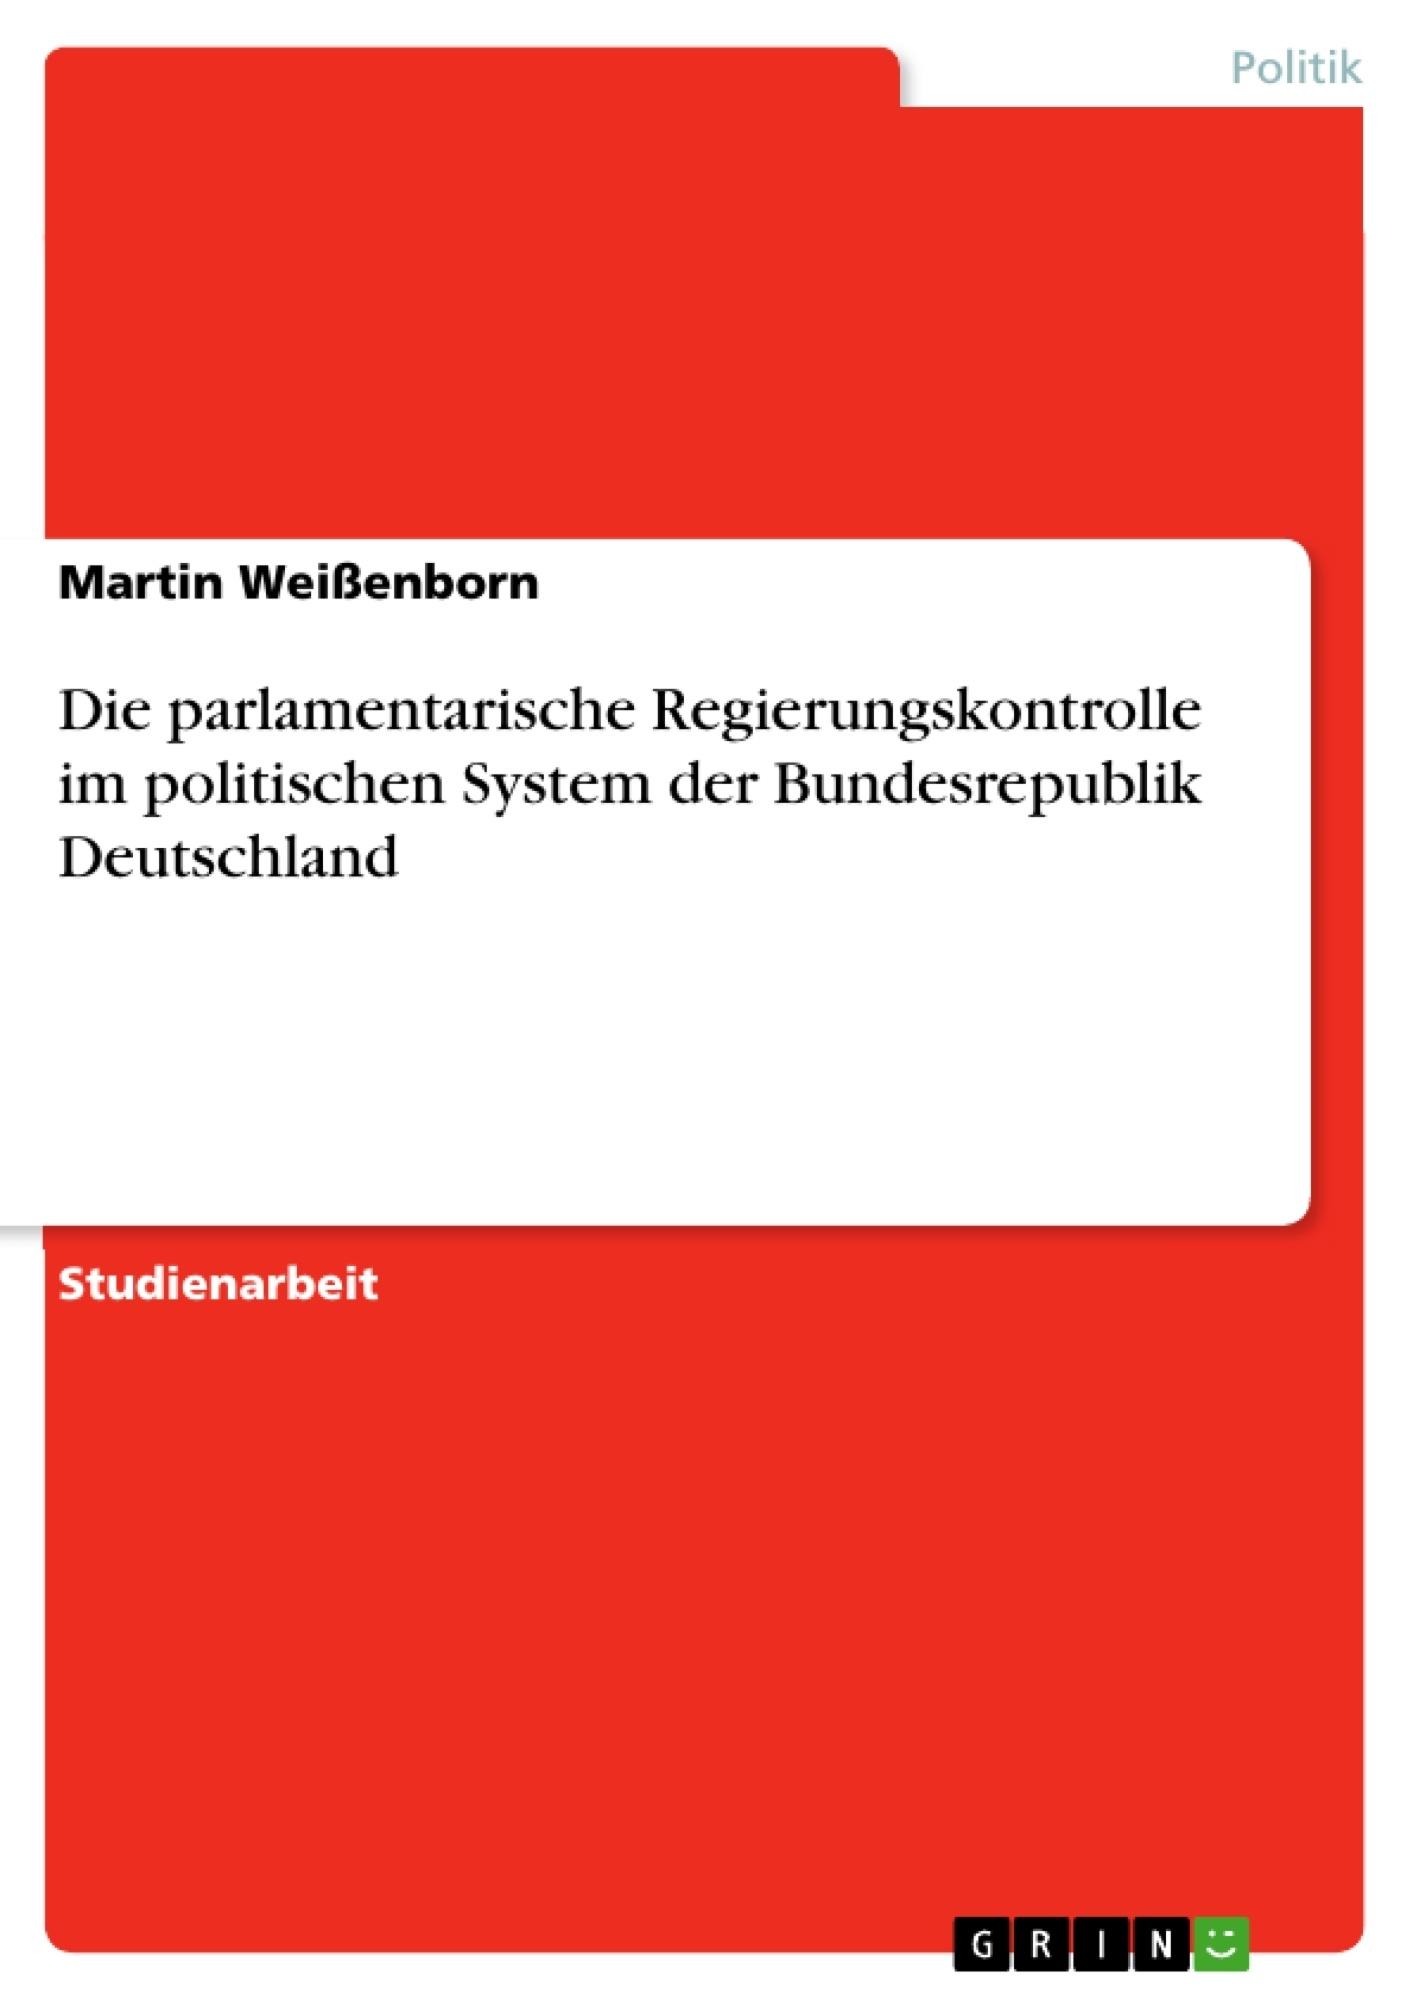 Titel: Die parlamentarische Regierungskontrolle im politischen System der Bundesrepublik Deutschland